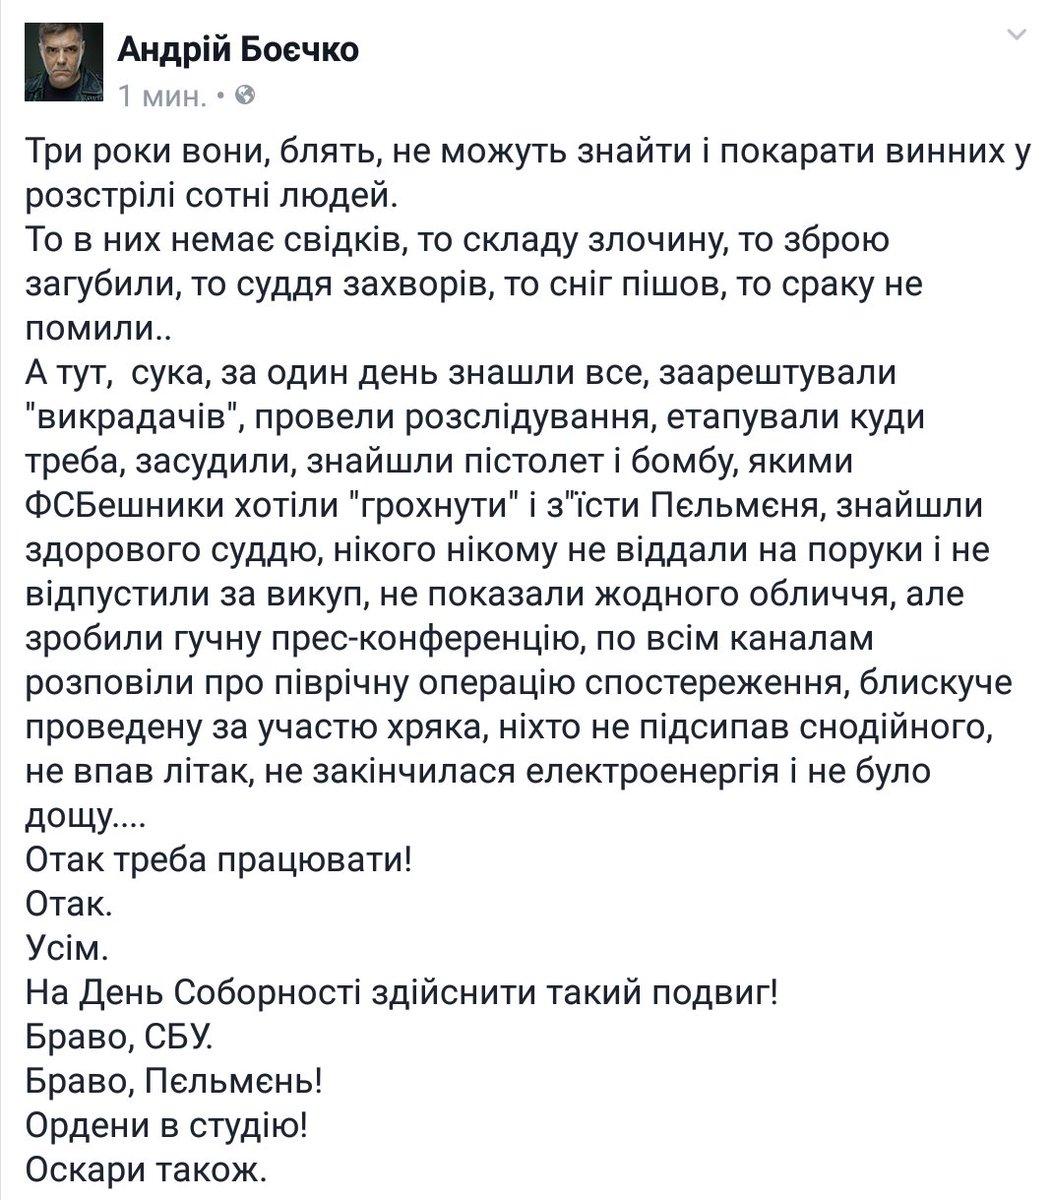 Россия создала центр подготовки диверсантов для осуществления терактов и убийств в Украине, - Геращенко - Цензор.НЕТ 1484